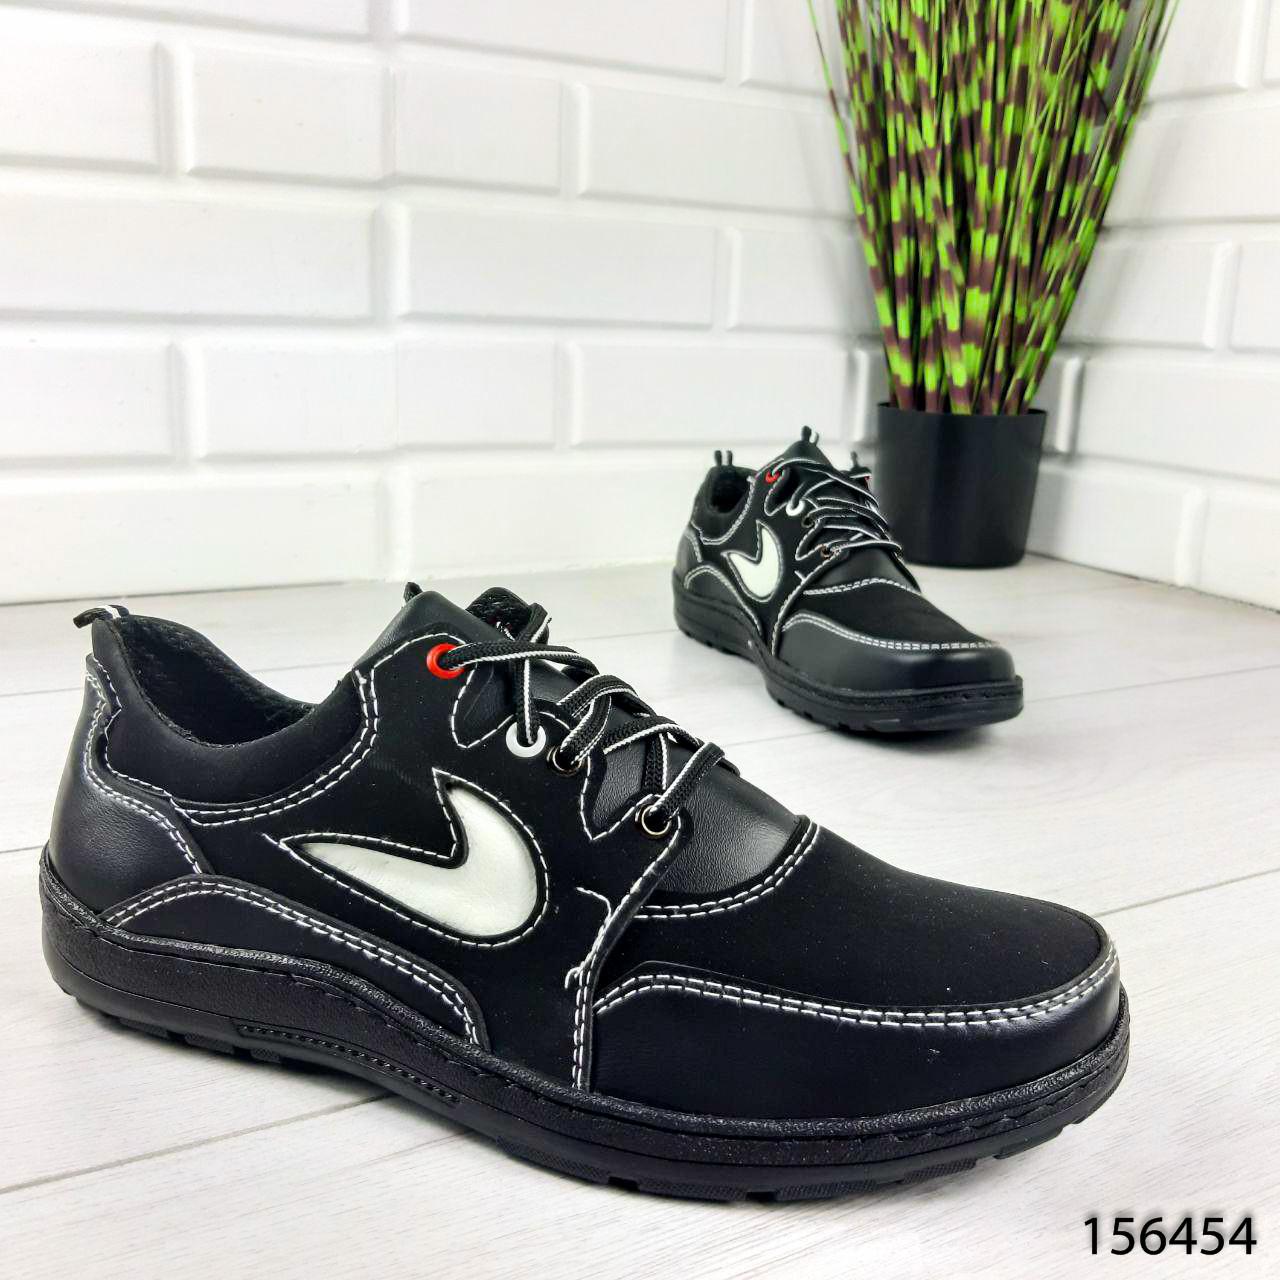 """Кросівки чоловічі, чорні стилі """"Nike"""" еко шкіра, мокасини чоловічі, кеди чоловічі, взуття чоловіче"""